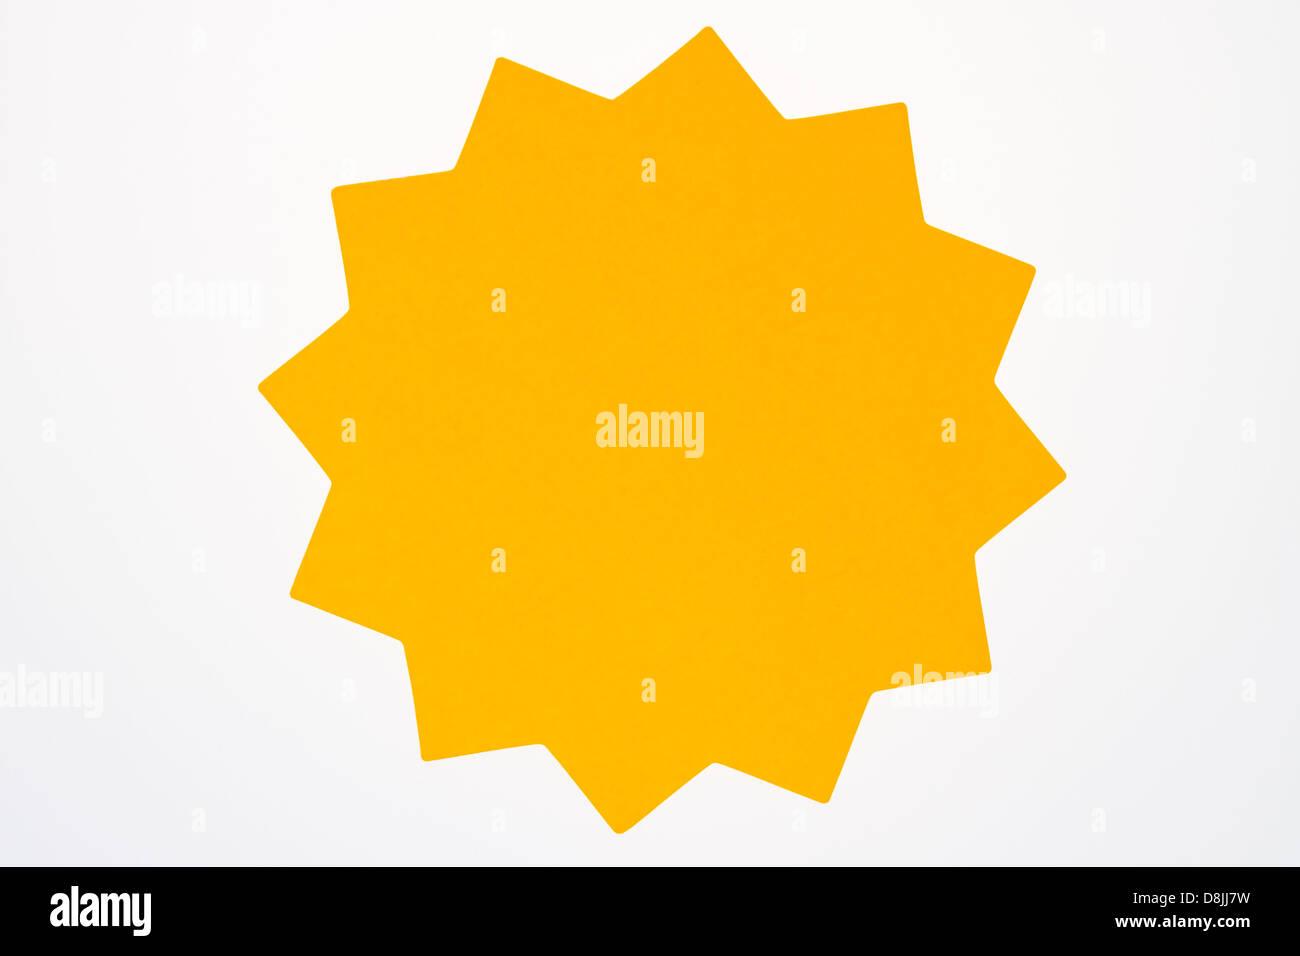 Un signo en forma de estrella naranja en blanco se utiliza generalmente para anunciar las ventas y ofertas aislado Imagen De Stock